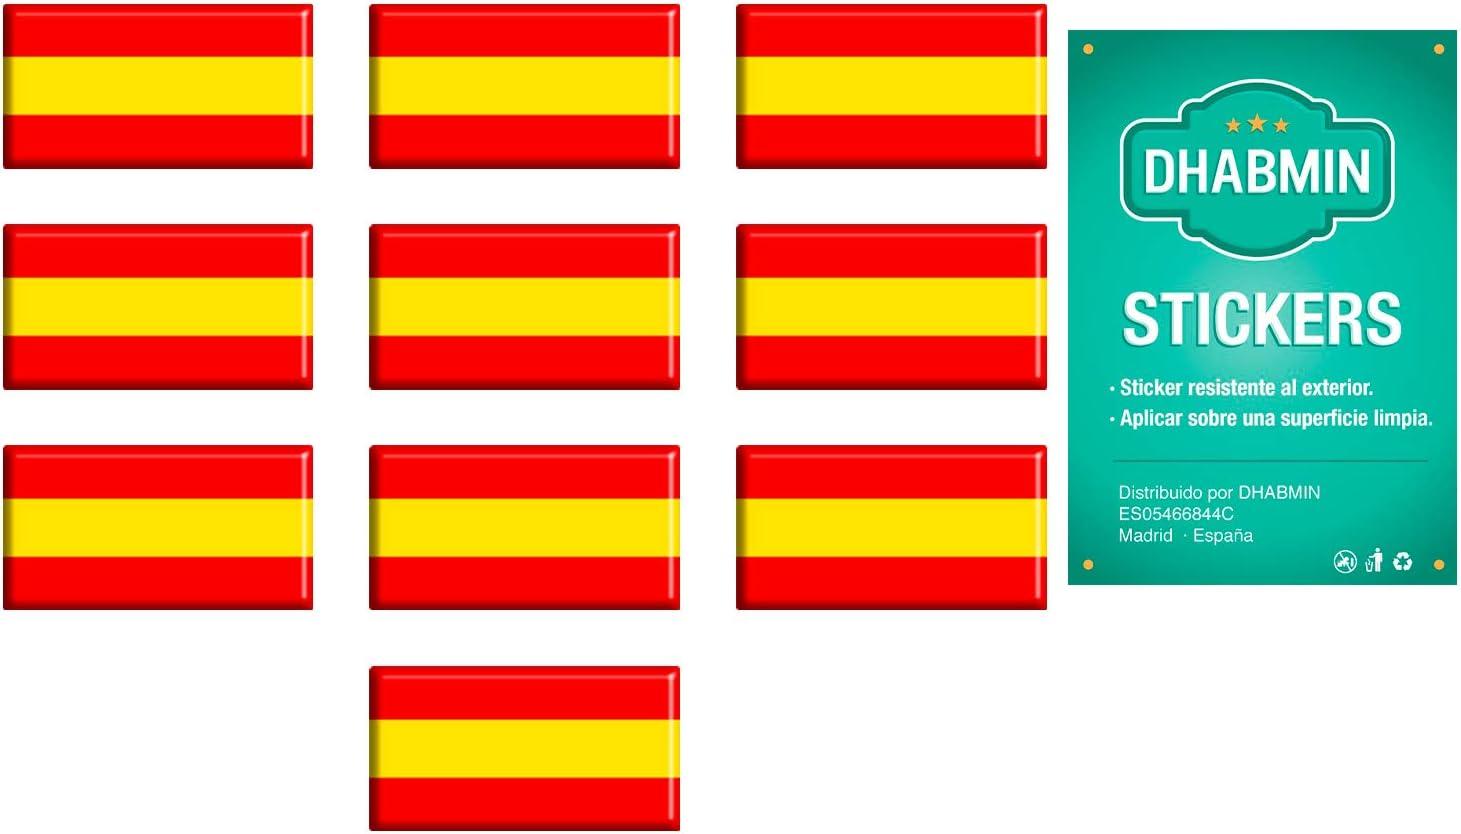 Dhabmin Pegatinas Bandera de España Adhesivos Bandera de España de Resina Pack 10 uds: Amazon.es: Coche y moto